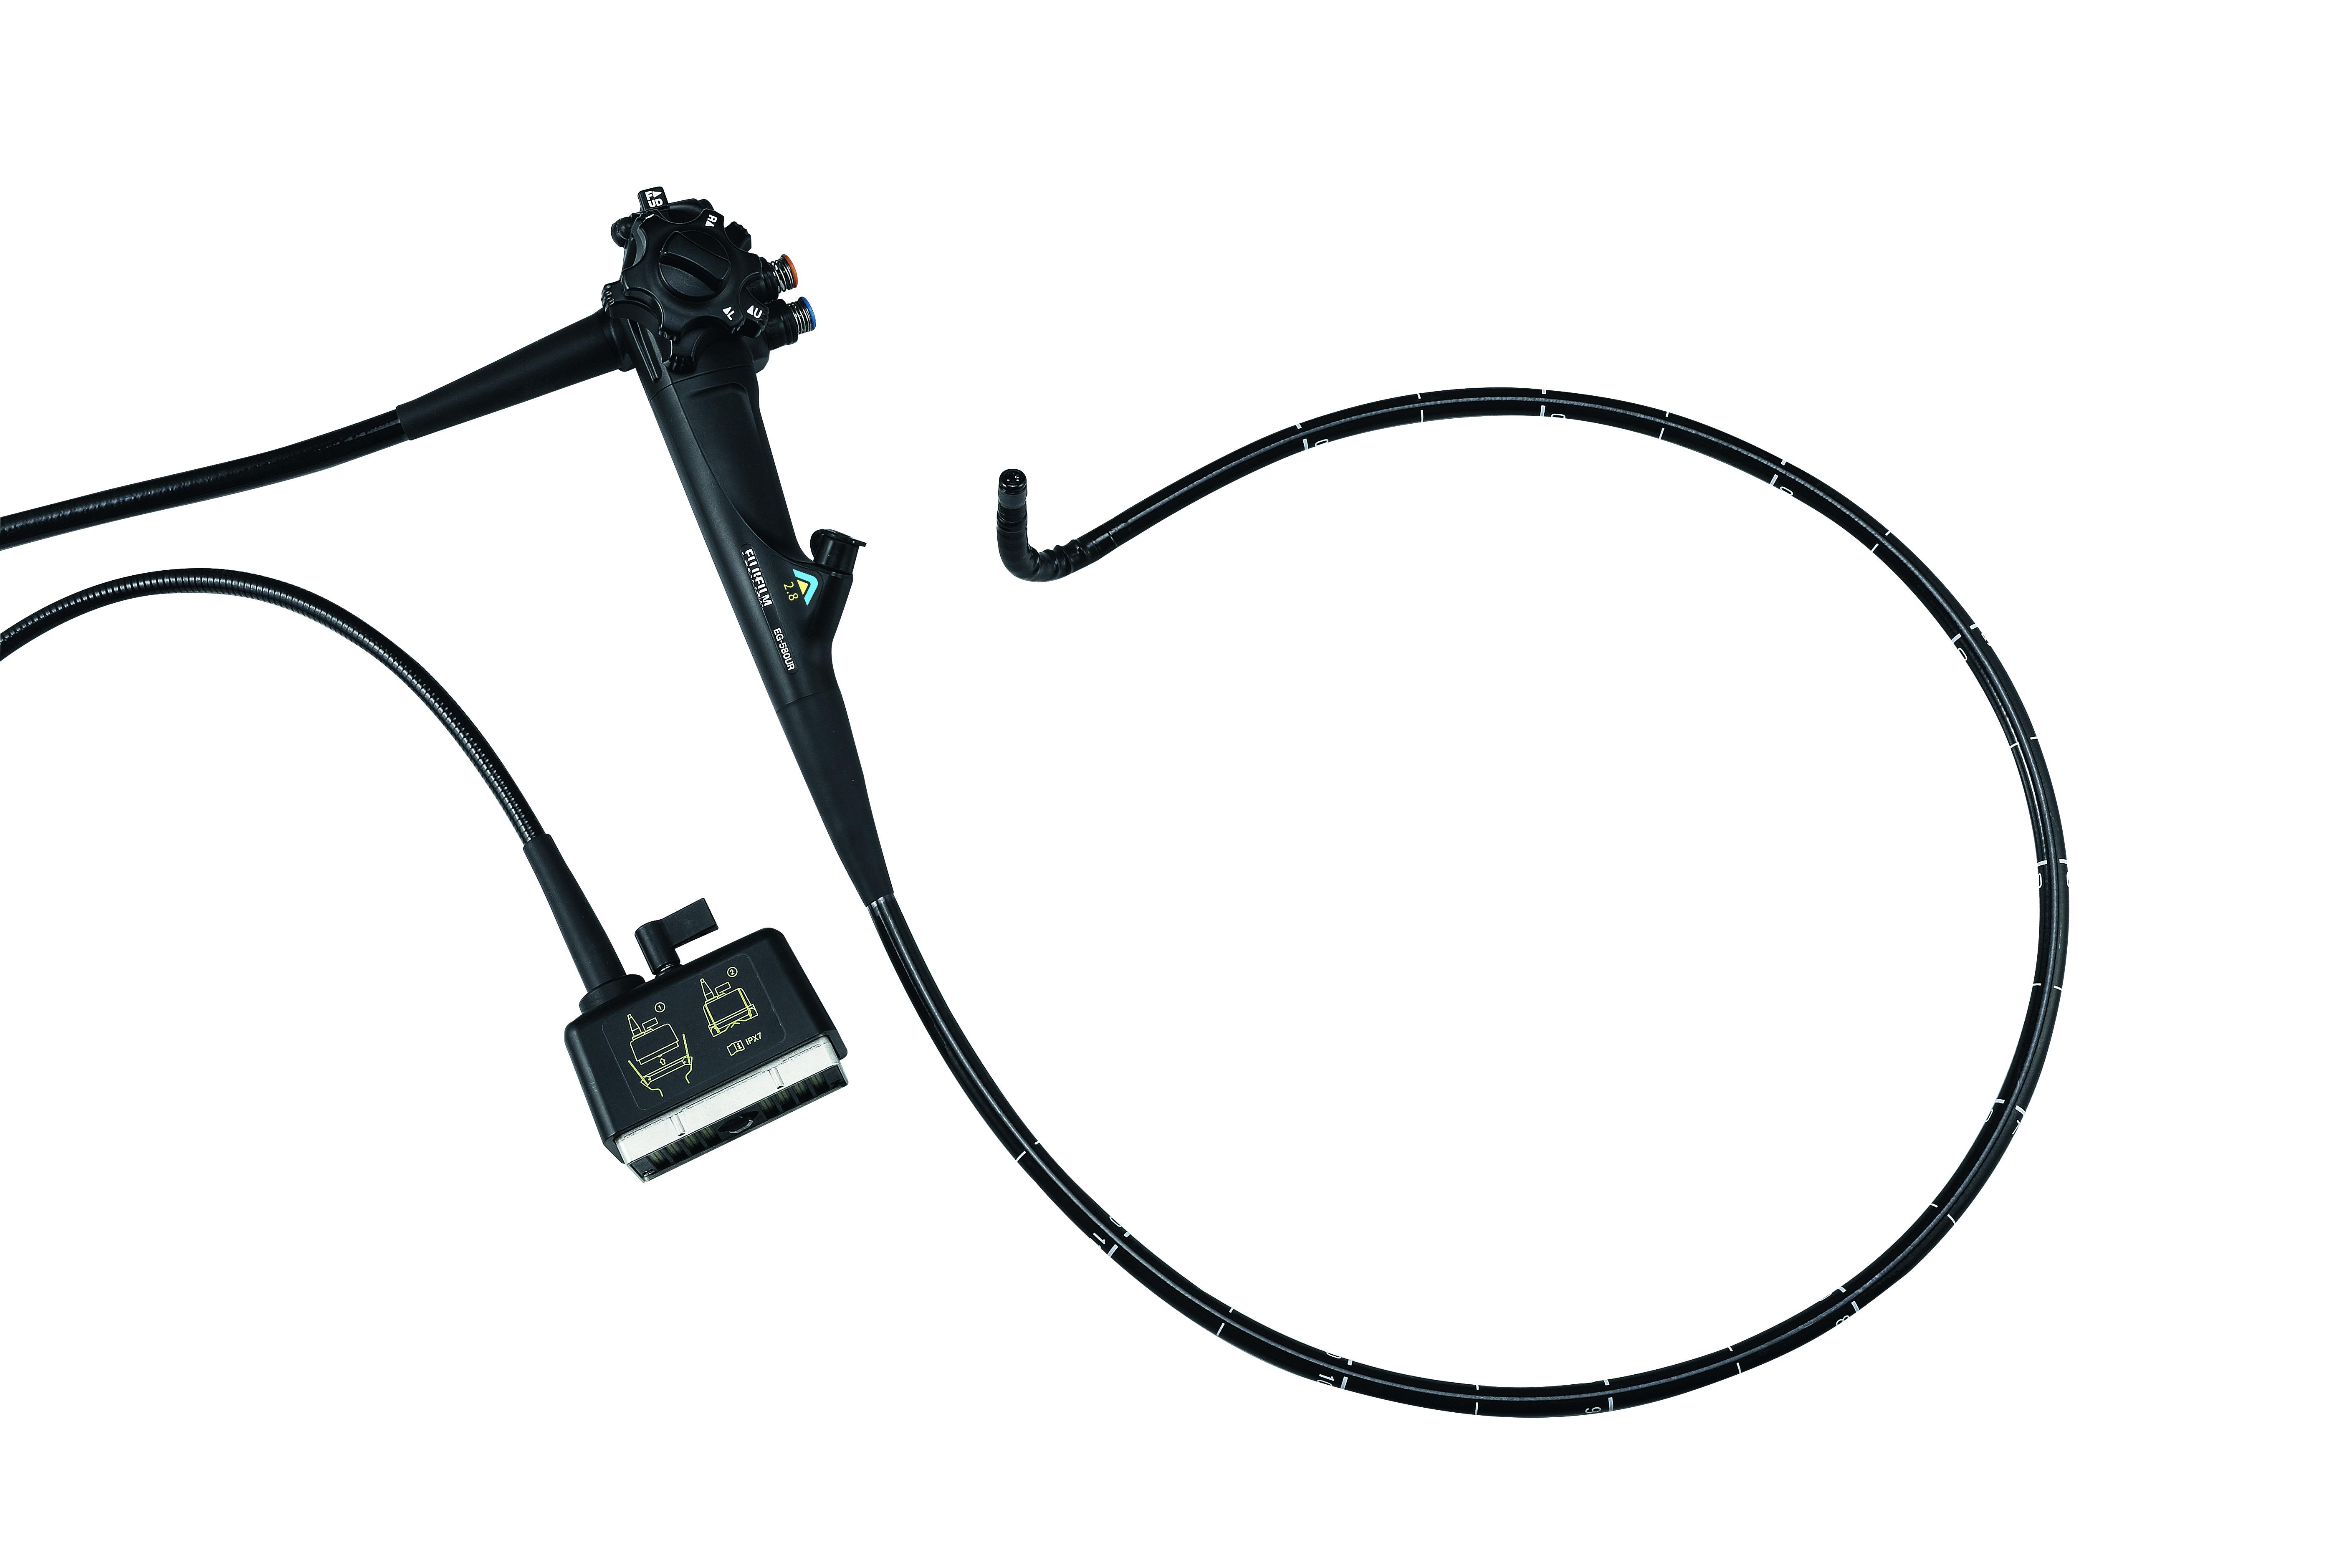 Ультразвуковий ендоскоп Fujifilm EG-580UR (радіальний)